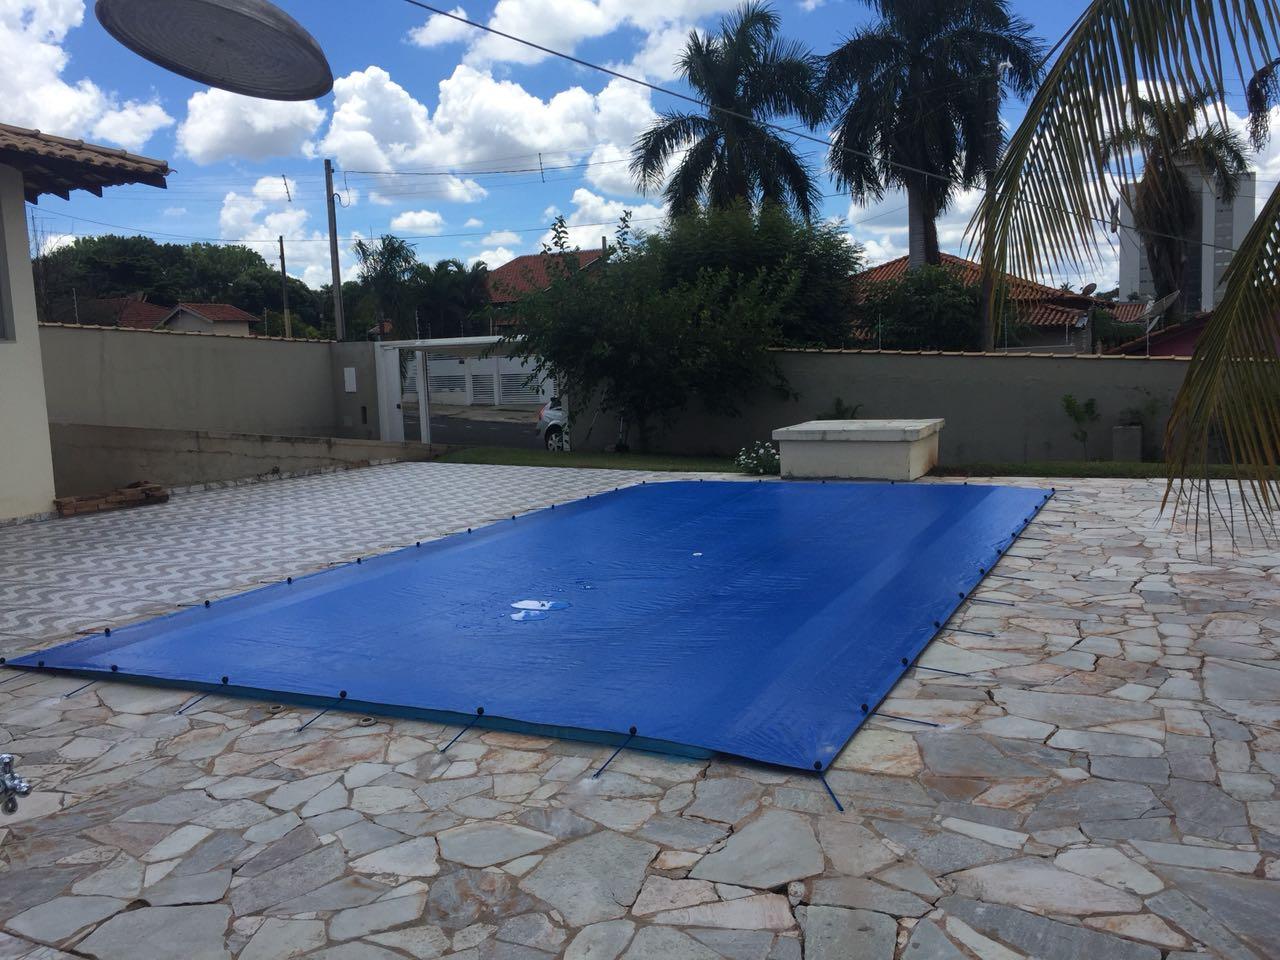 Capa para Piscina Proteção Azul 300 Micras - 8x4,5